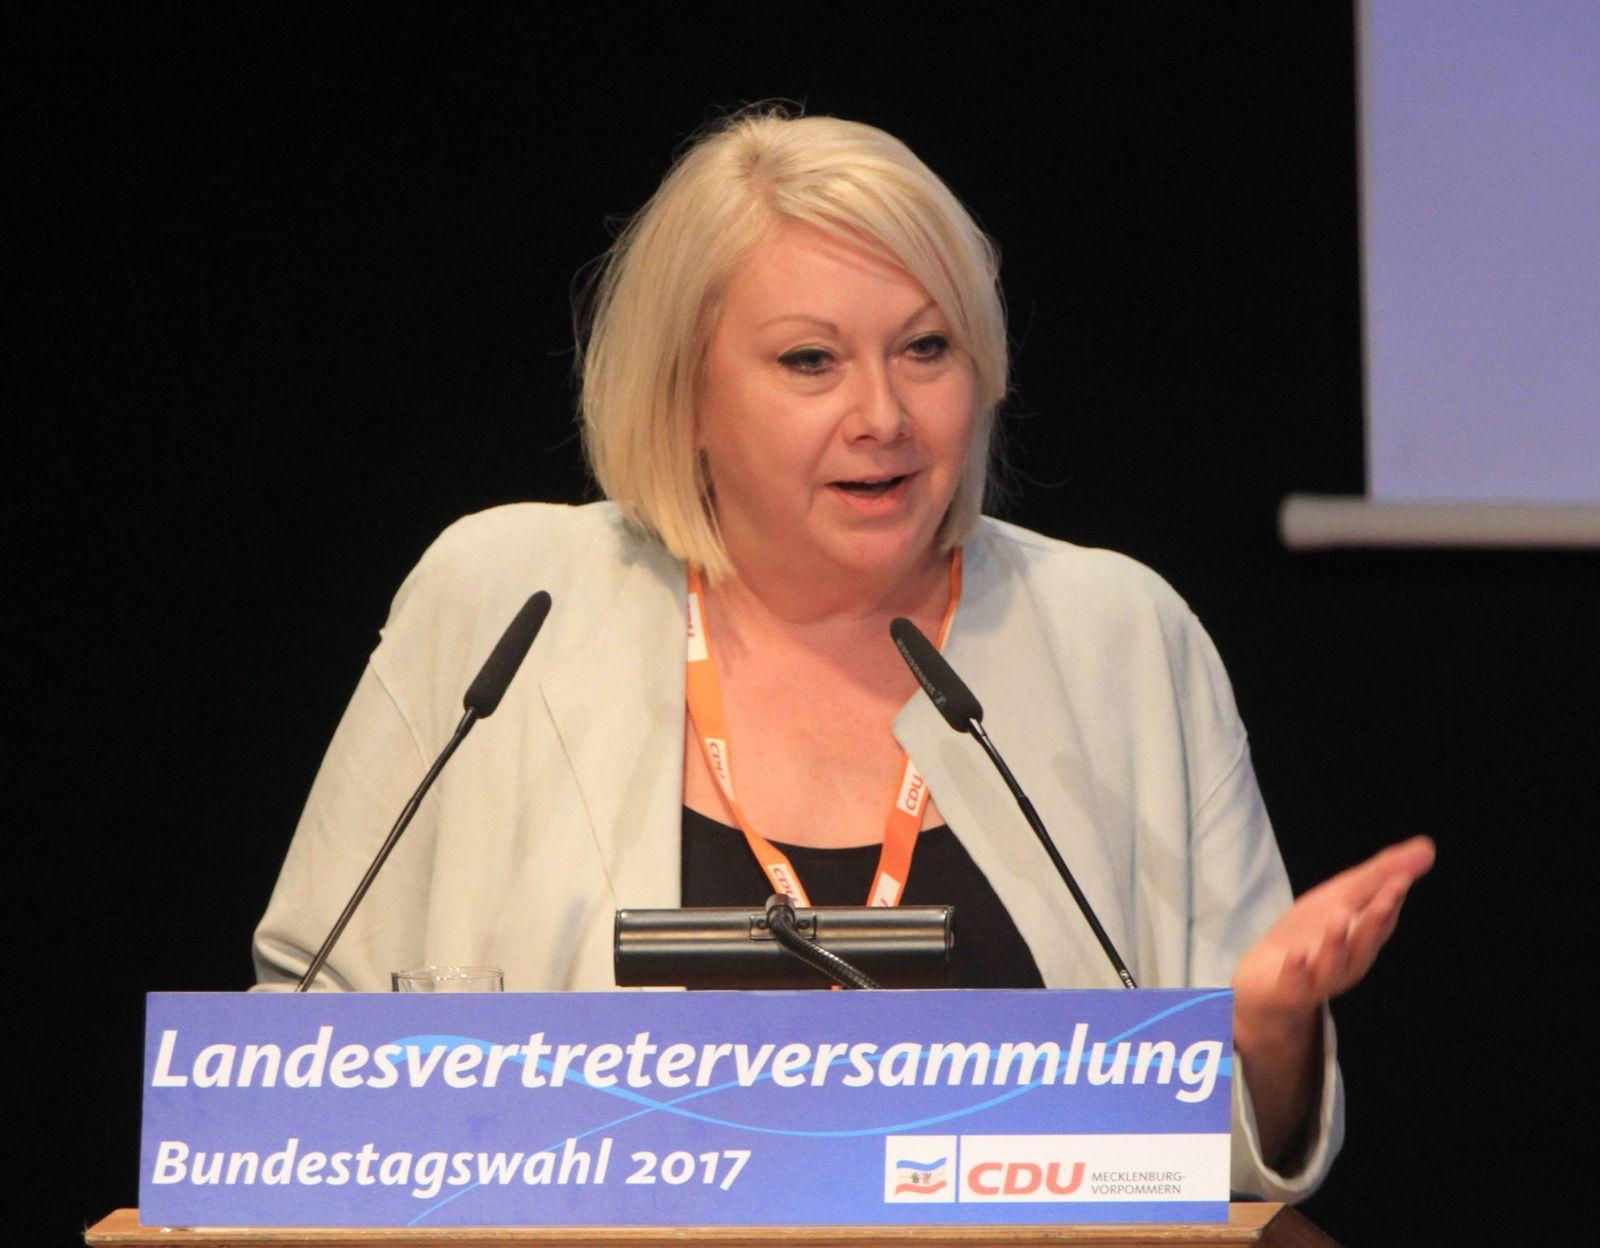 Landesvertreterversammlung der CDU Mecklenburg Vorpommern am Sonnabend 25 02 2017 in der Alten Br